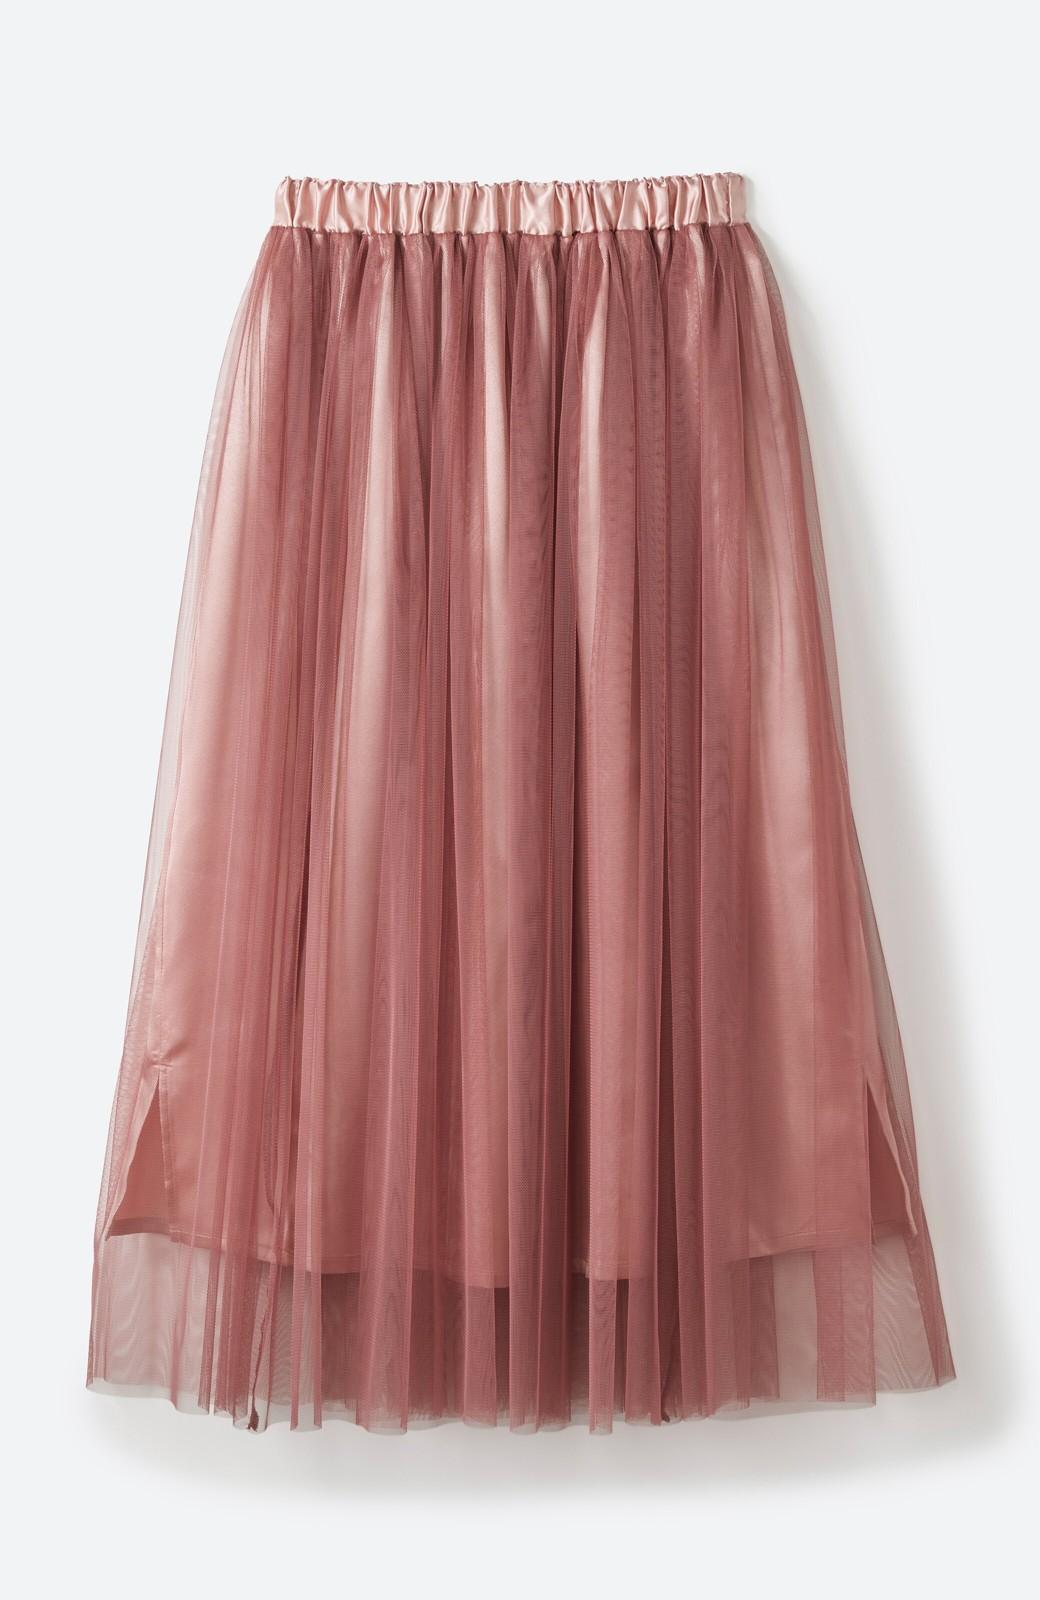 haco! 着るだけでルンとした気分になる! 長ーーい季節着られてずっと使えるオトナのためのチュールスカート <ピンク>の商品写真21